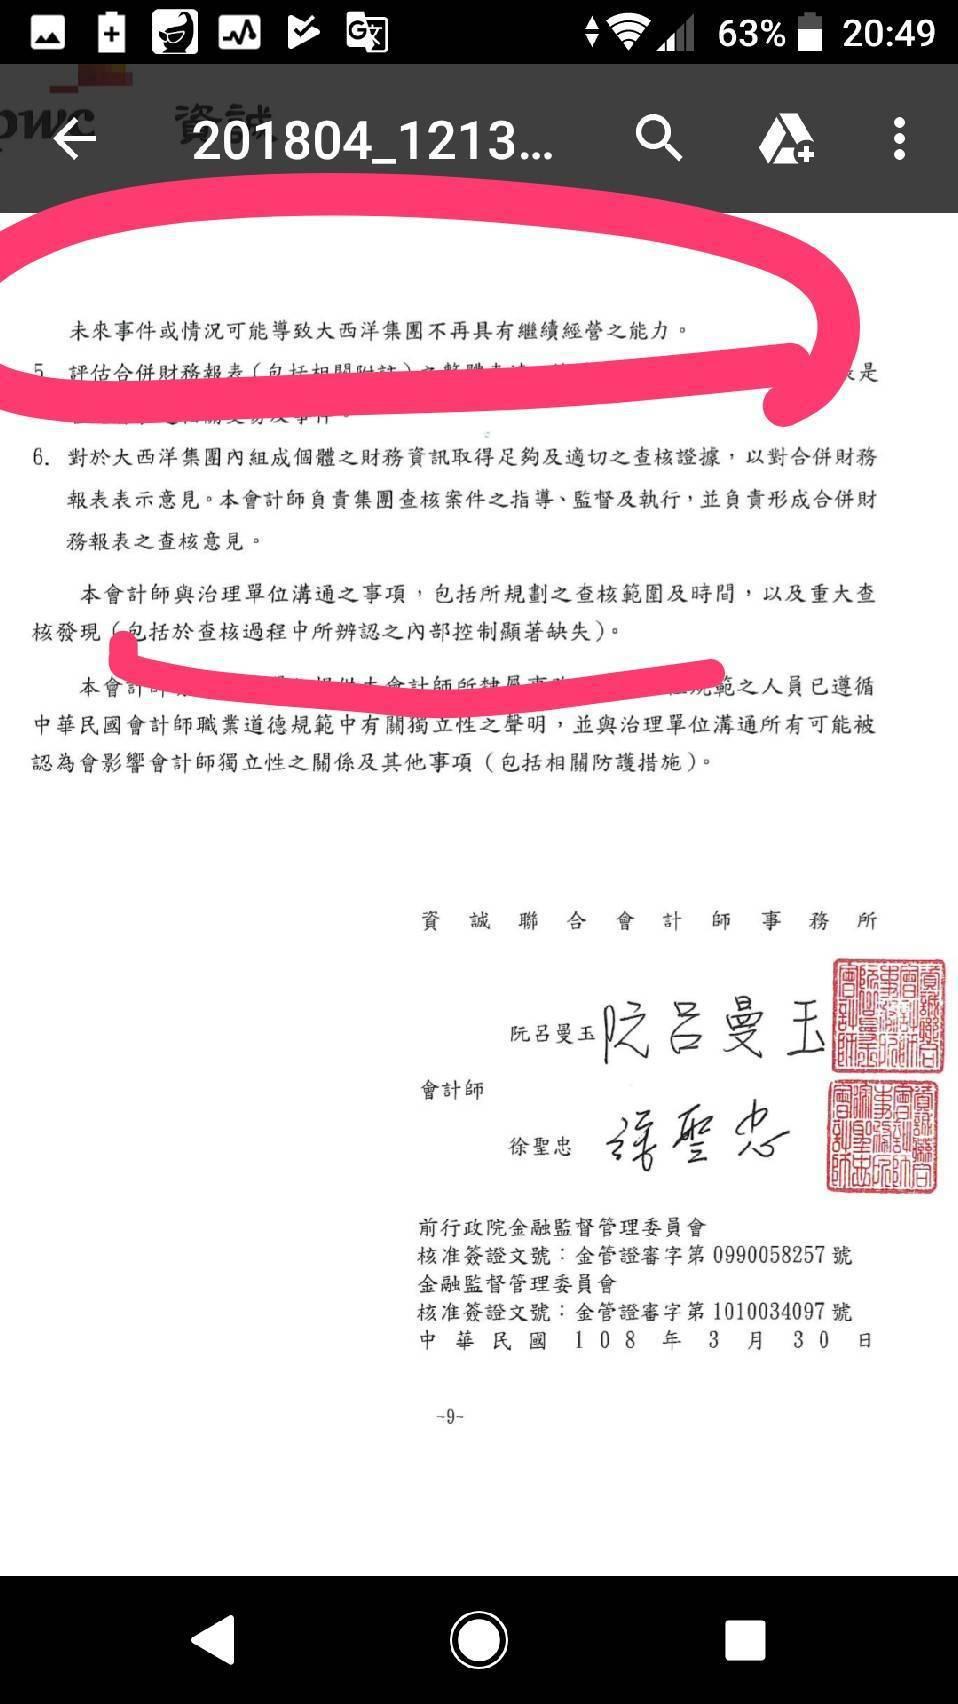 大飲107年度財報被會計師出具「無法表示意見之查核報告」相關內容摘要。記者黃淑惠...